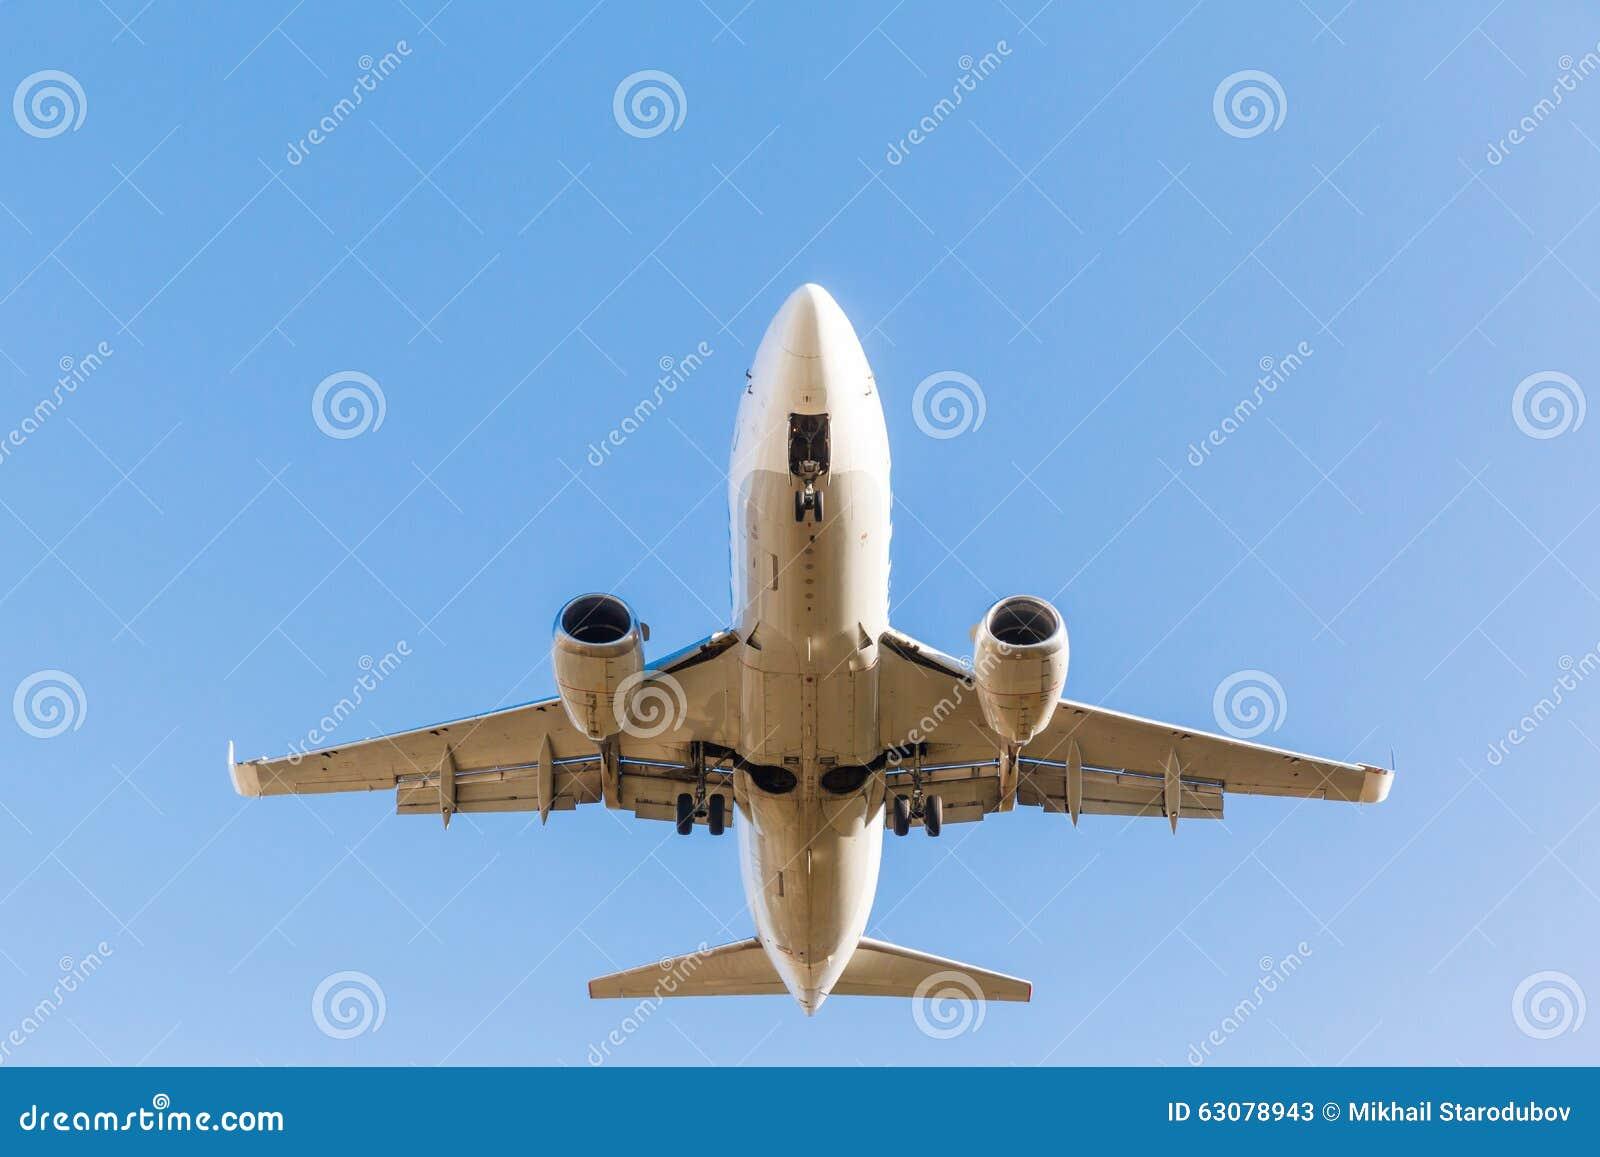 Download L'avion blanc décolle image stock. Image du fuselage - 63078943